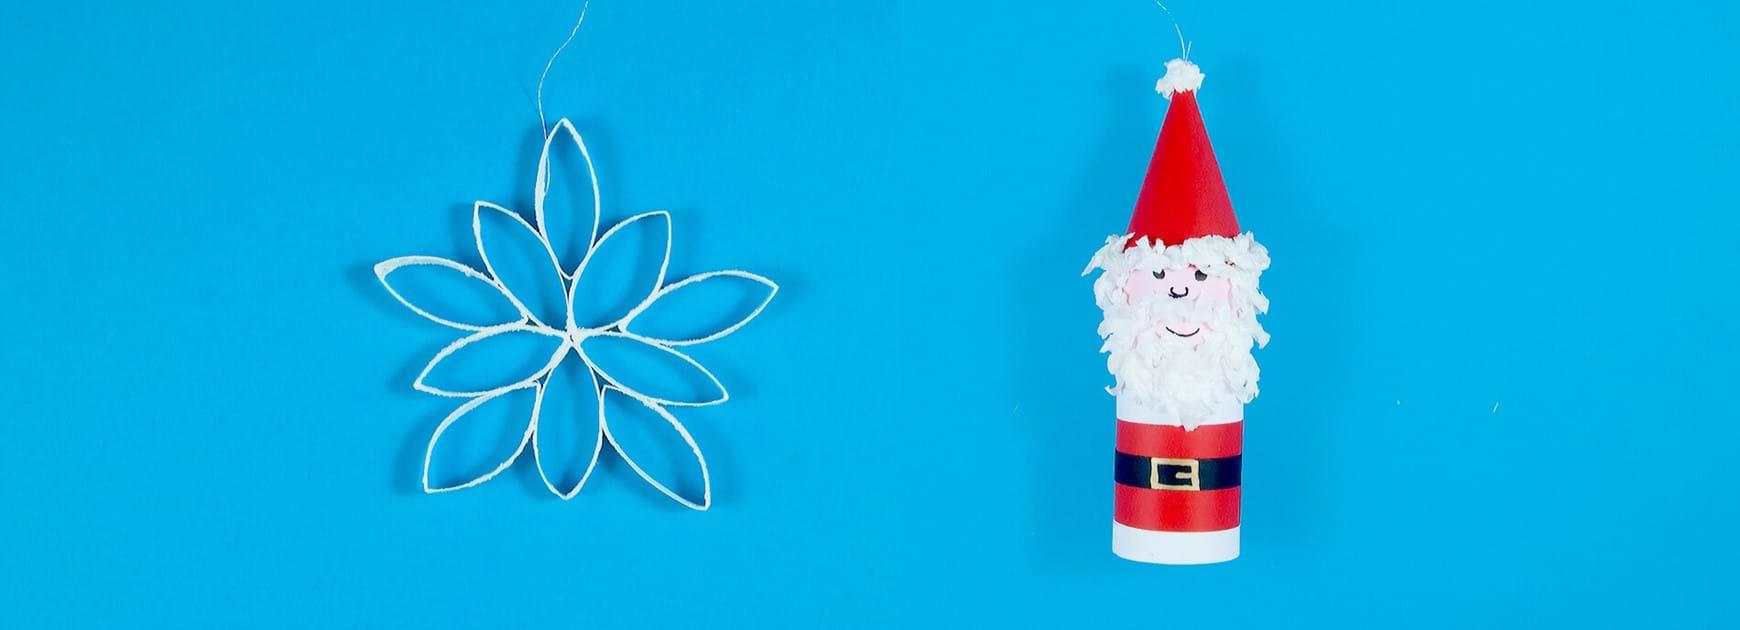 2 Bricolages De Noël Faciles Et Rapides - Lotus intérieur Bricolage De Noel Pour Maternelle